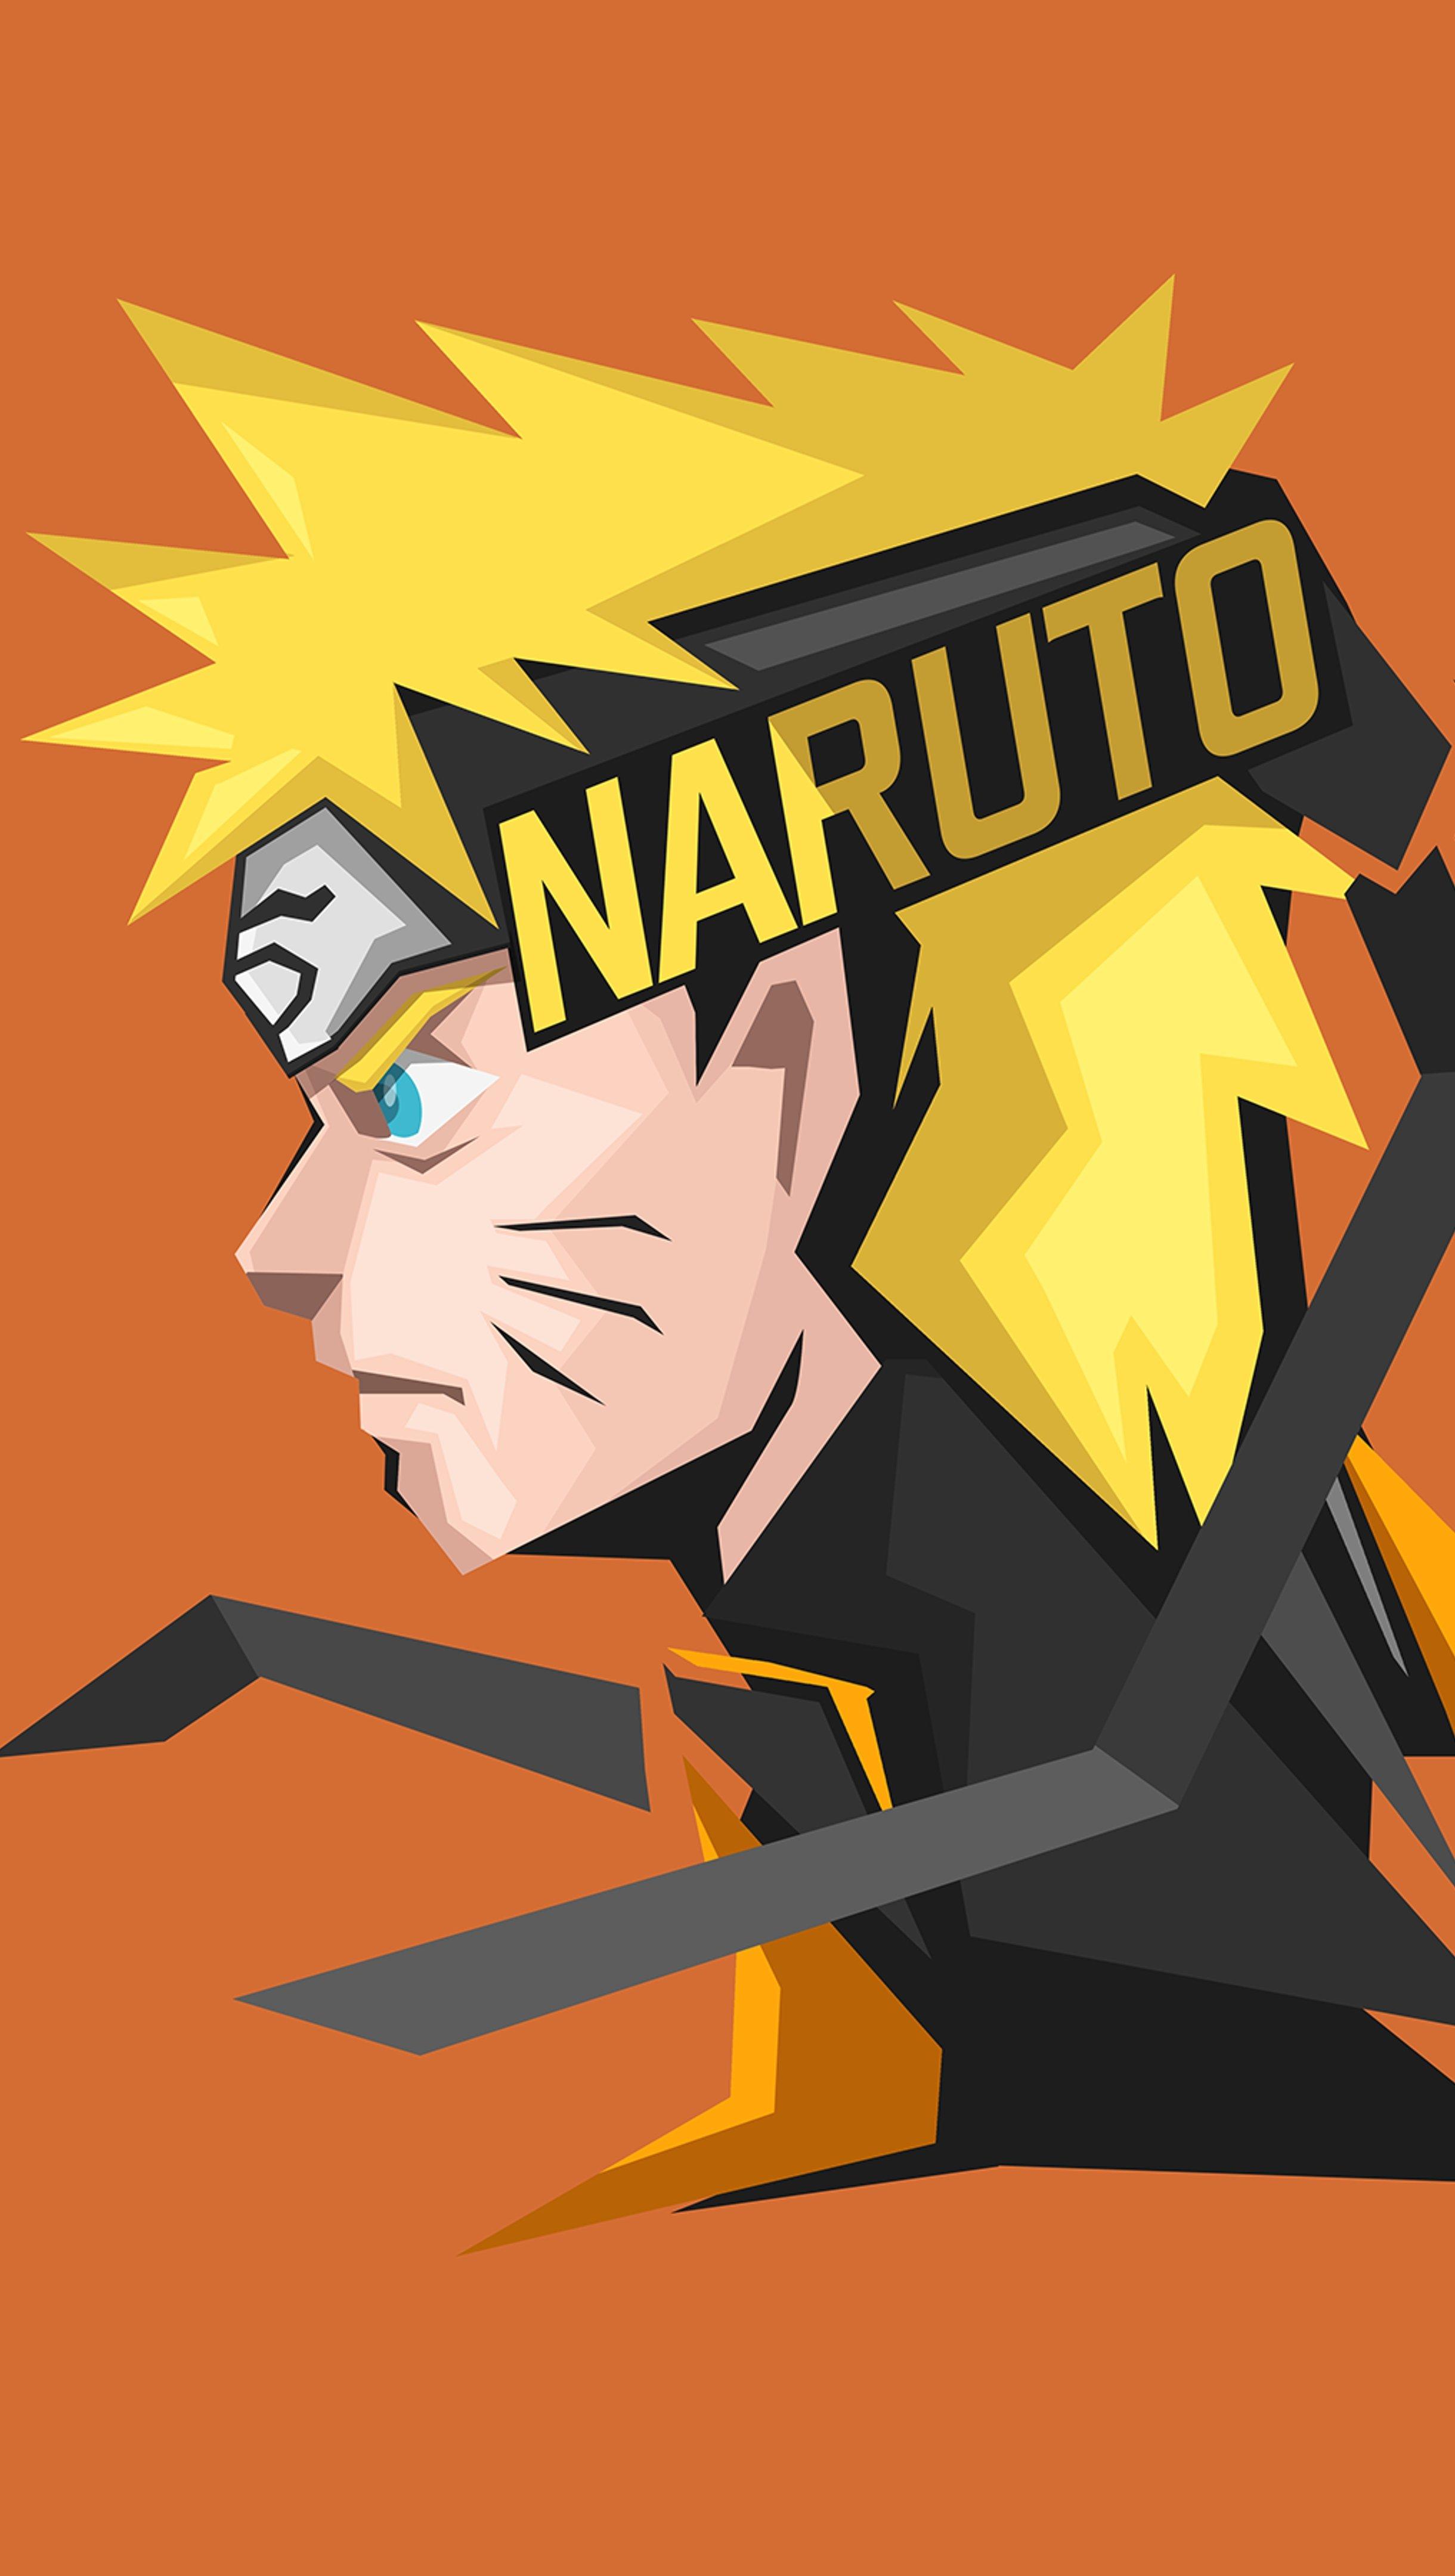 Fondos de pantalla Anime Naruto Uzumaki Ilustración Vertical